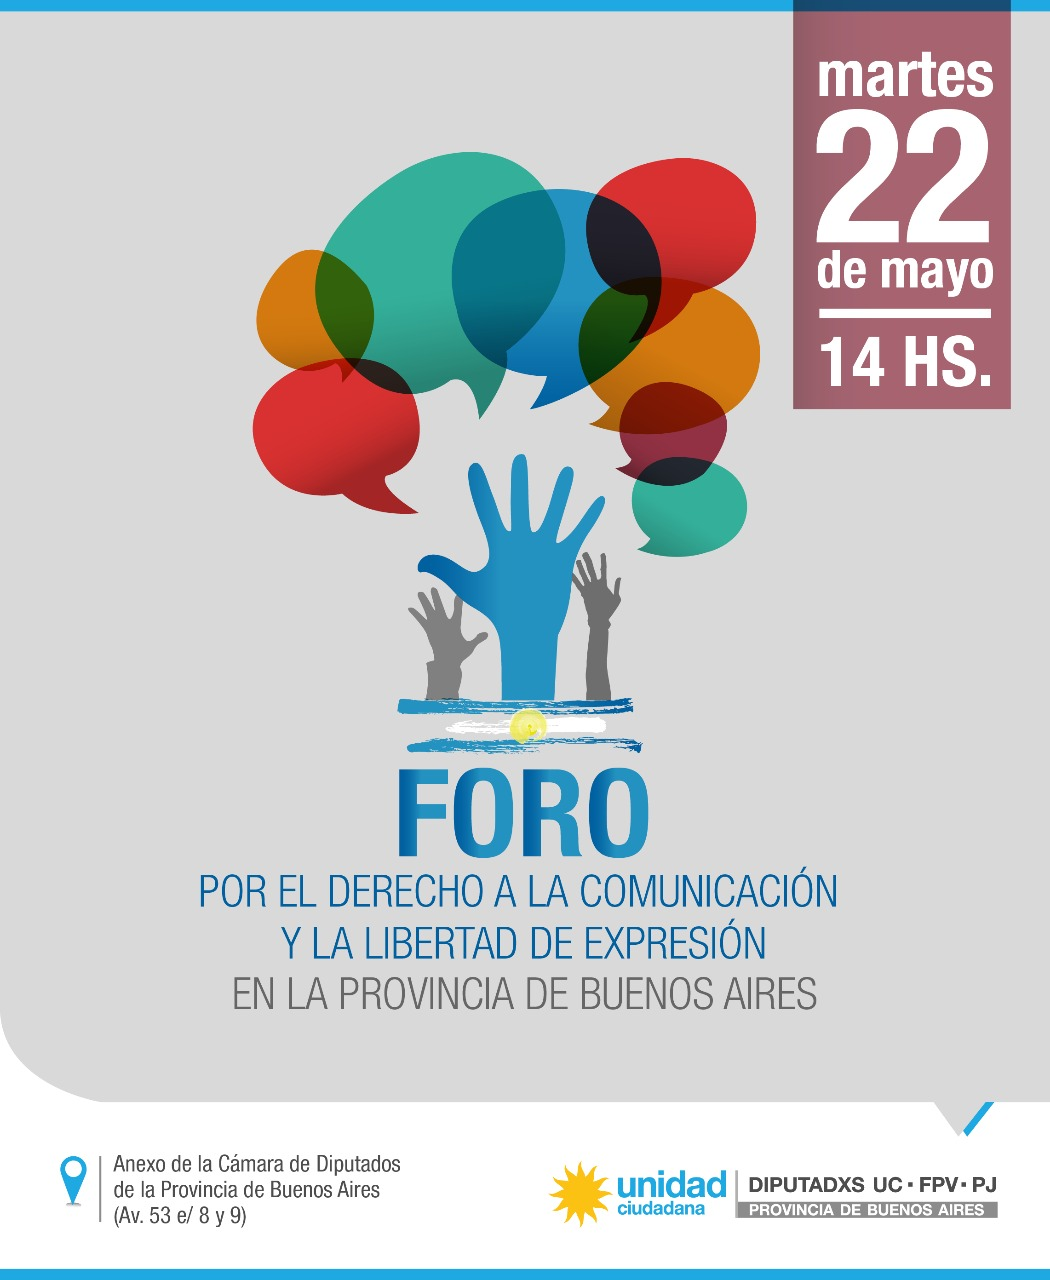 Legisladores de Unidad Ciudadana realizarán un Foro por el Derecho a la Comunicación y la Libertad de Expresión